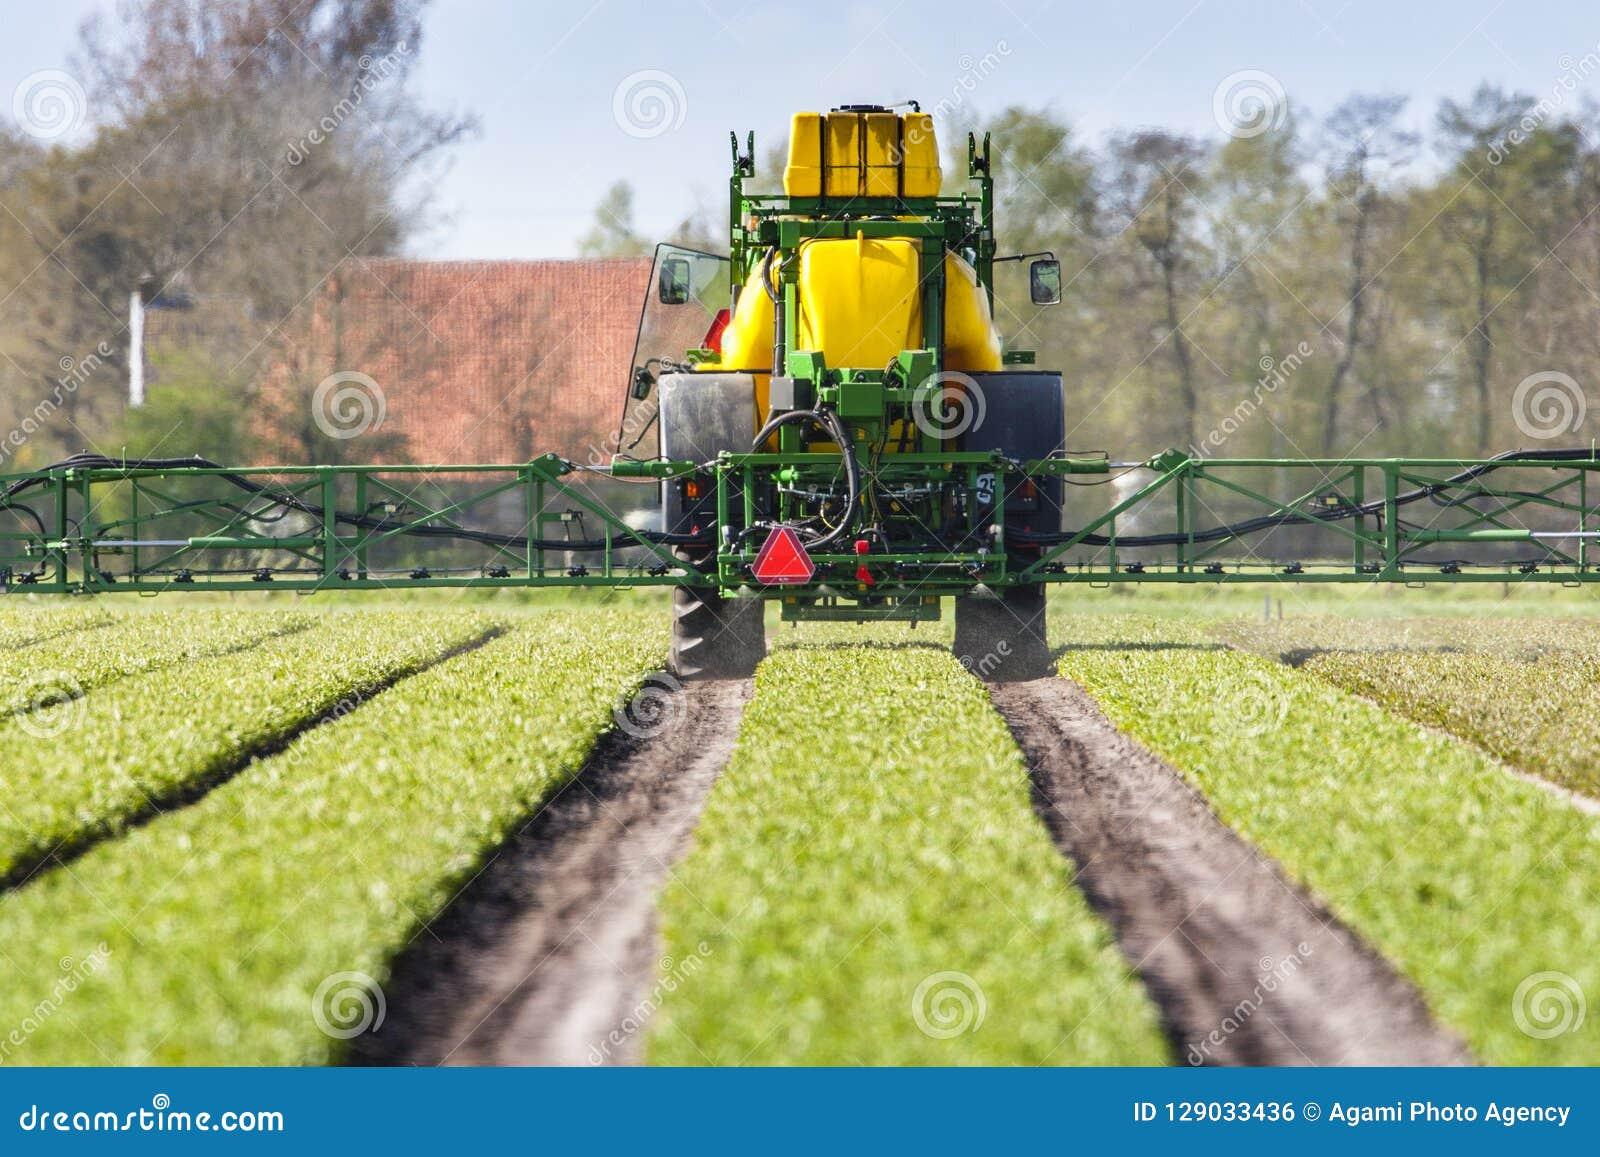 Трактор умирает spuit landbouwgif, пестициды трактора распыляя